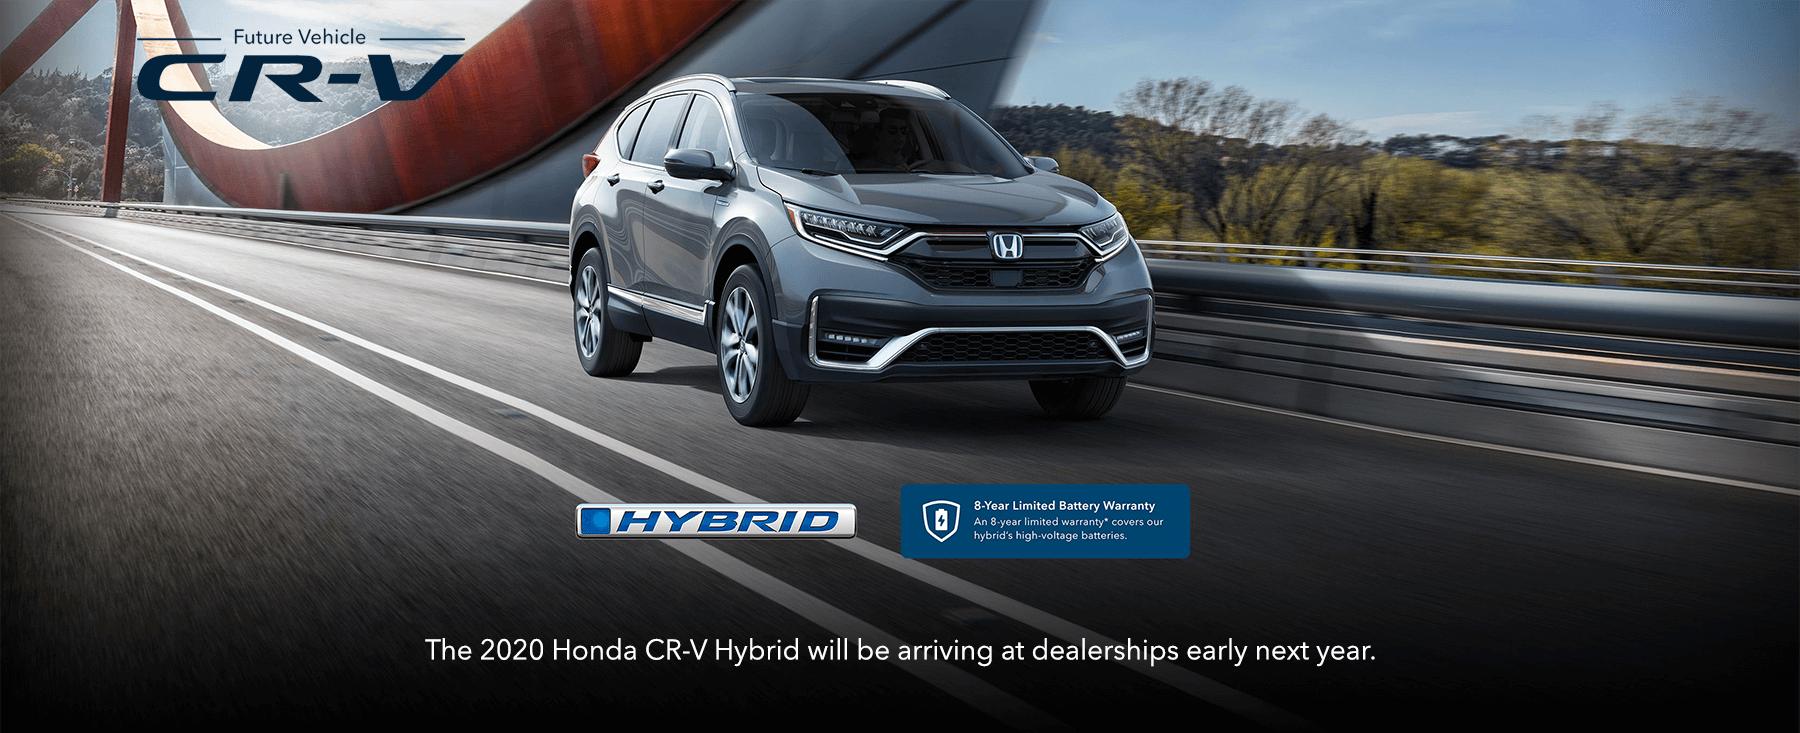 2020 Honda CR-V Hybrid Footer Image